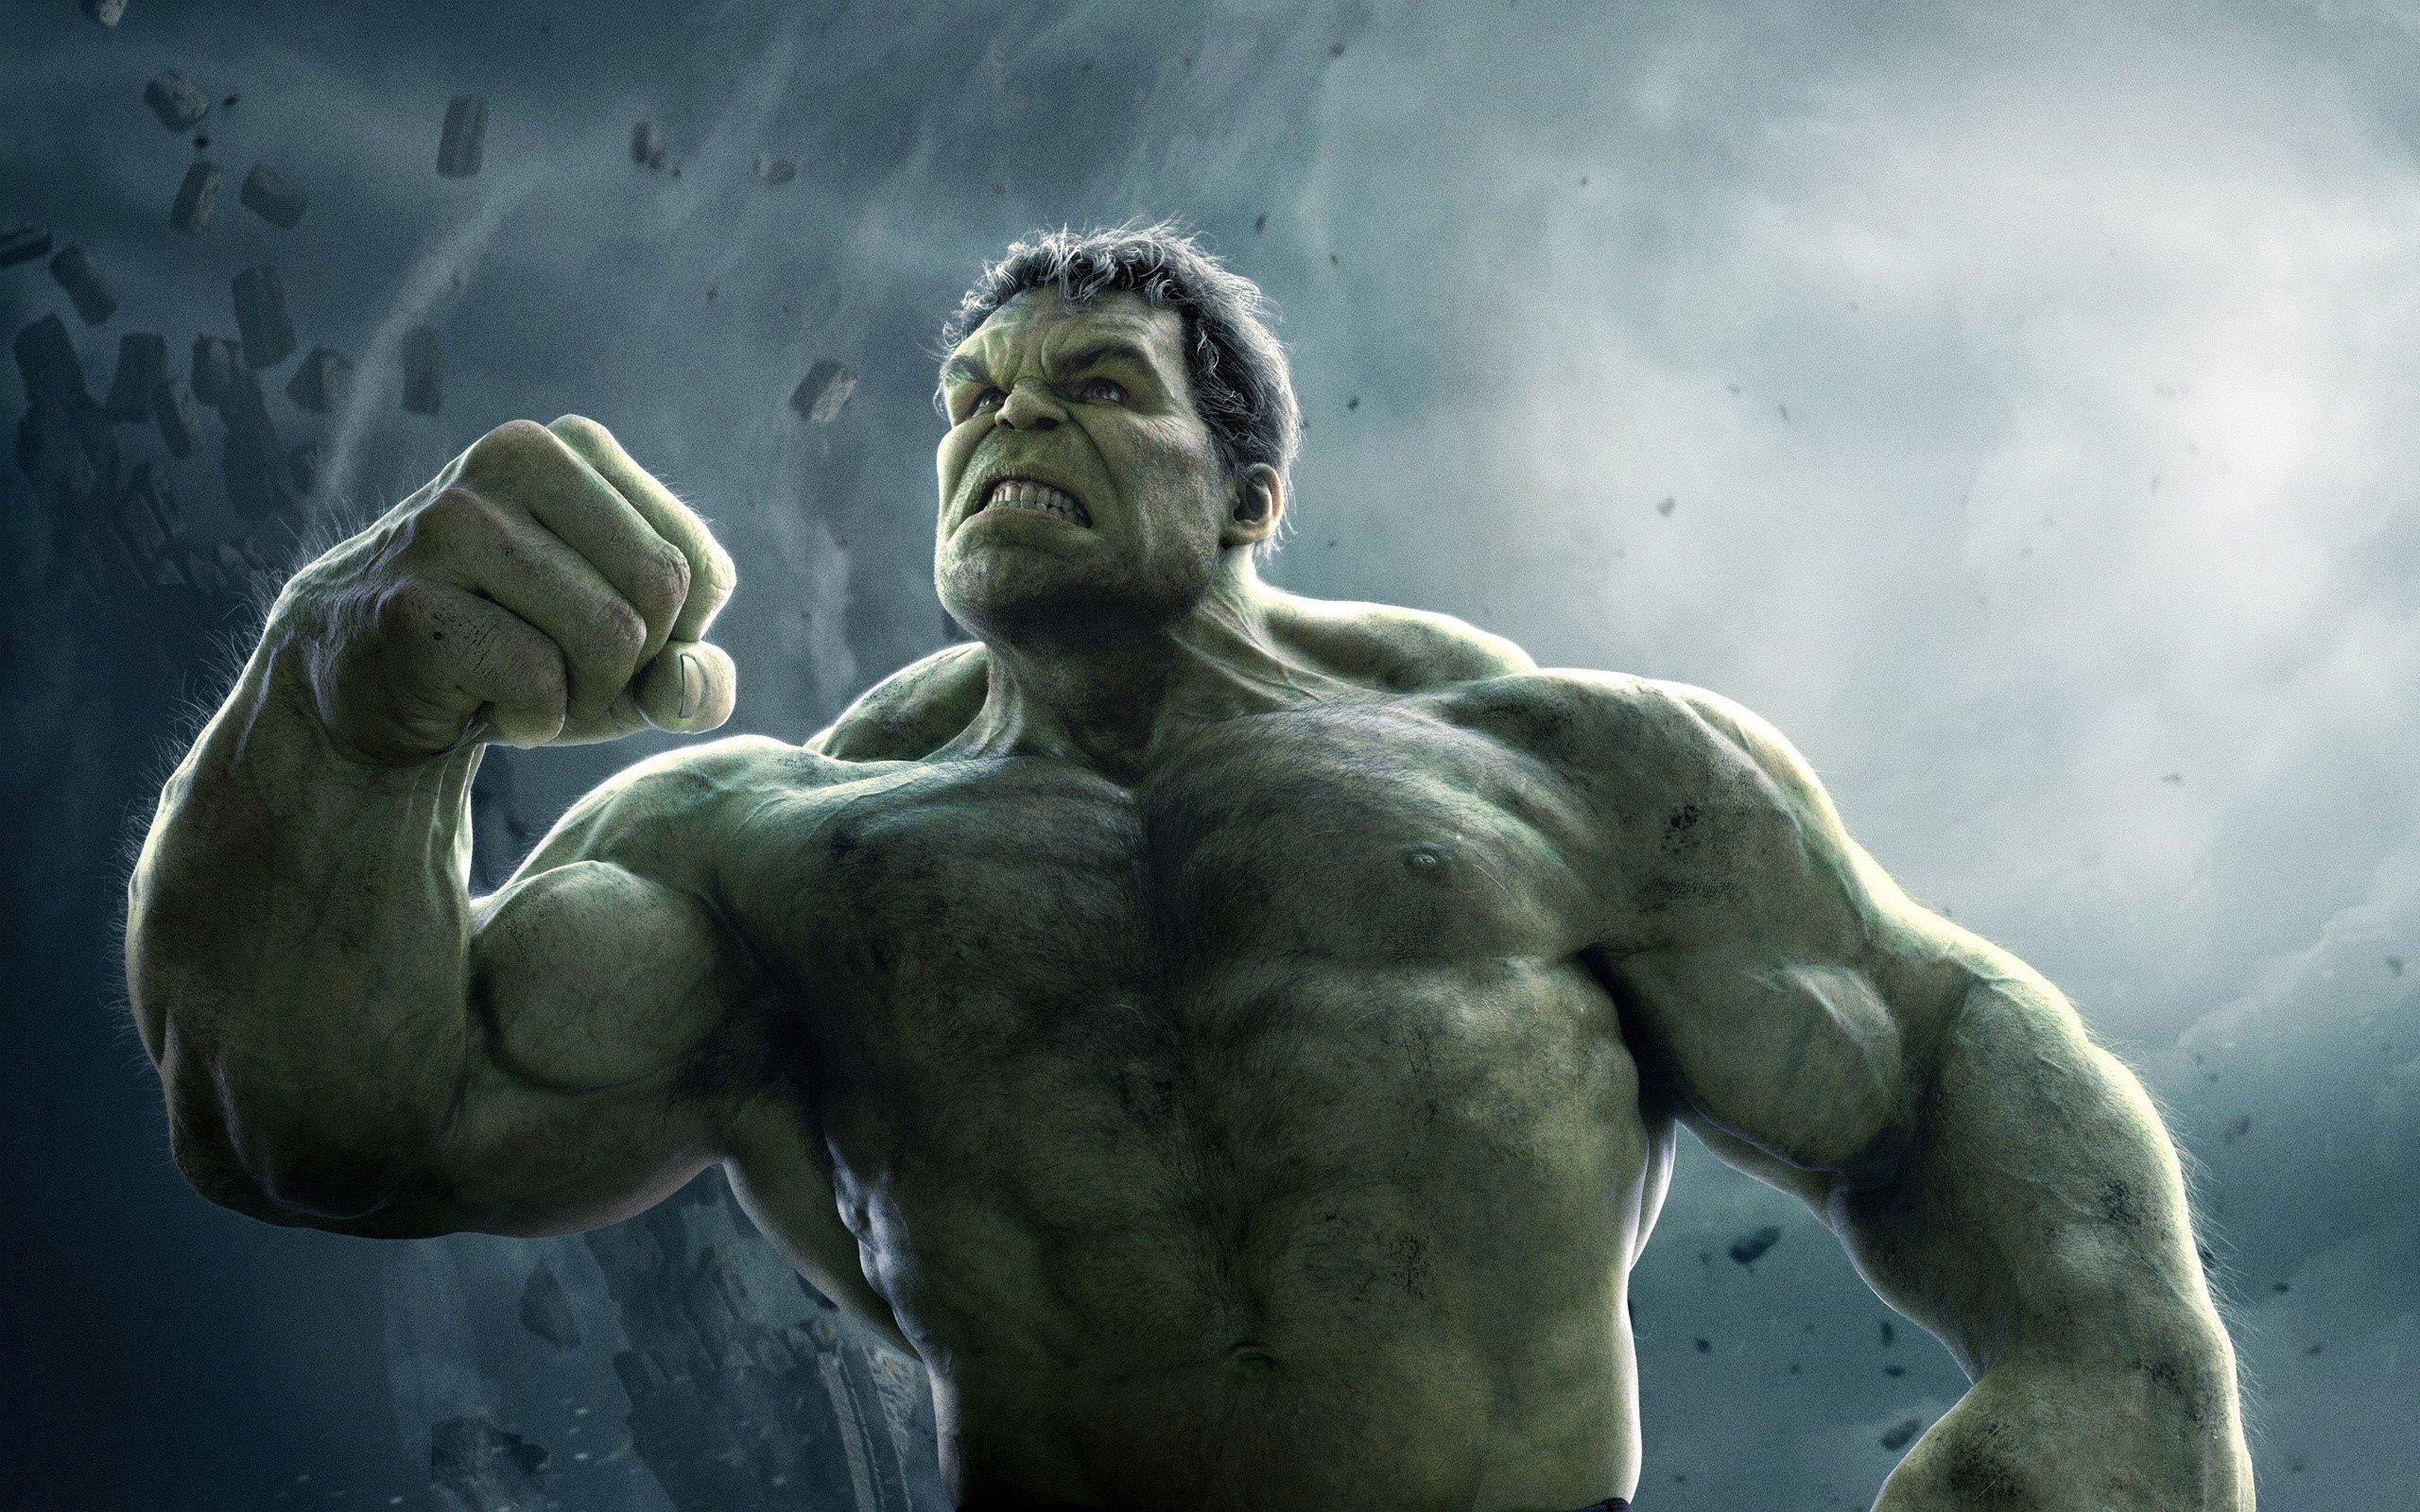 Fondos de pantalla Hulk en Avengers Age of Ultron